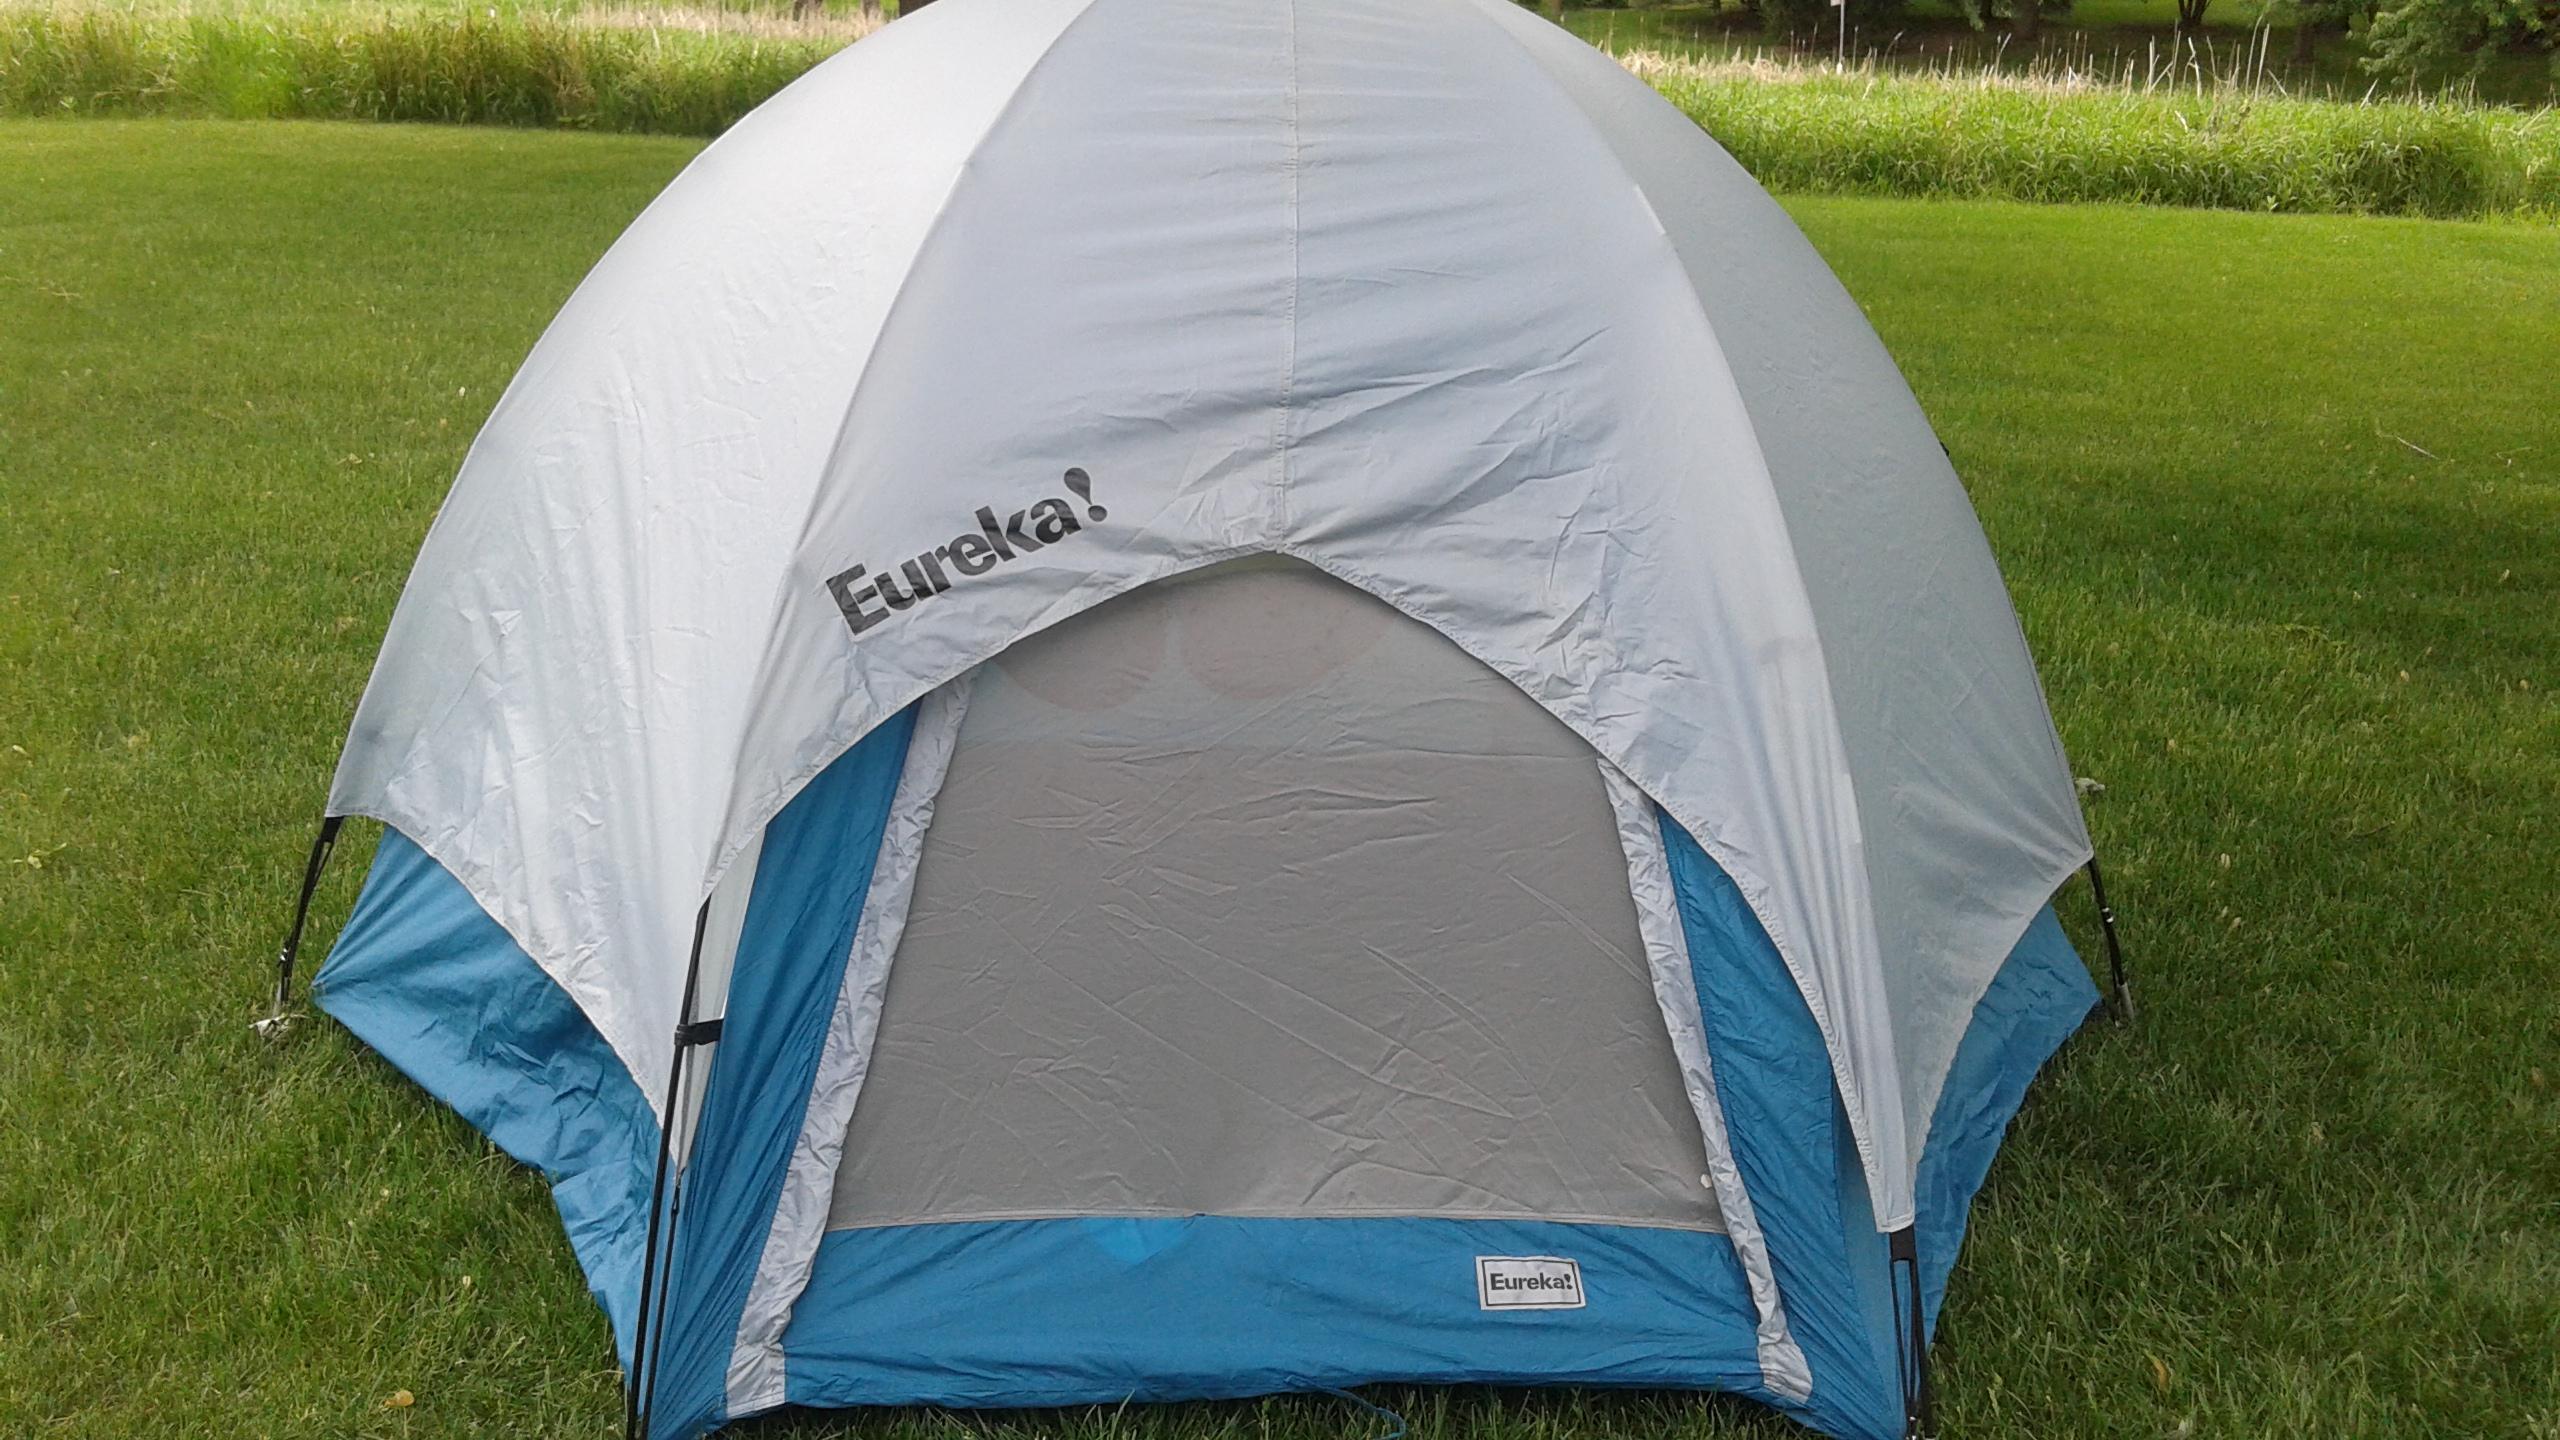 Eureka pup tent